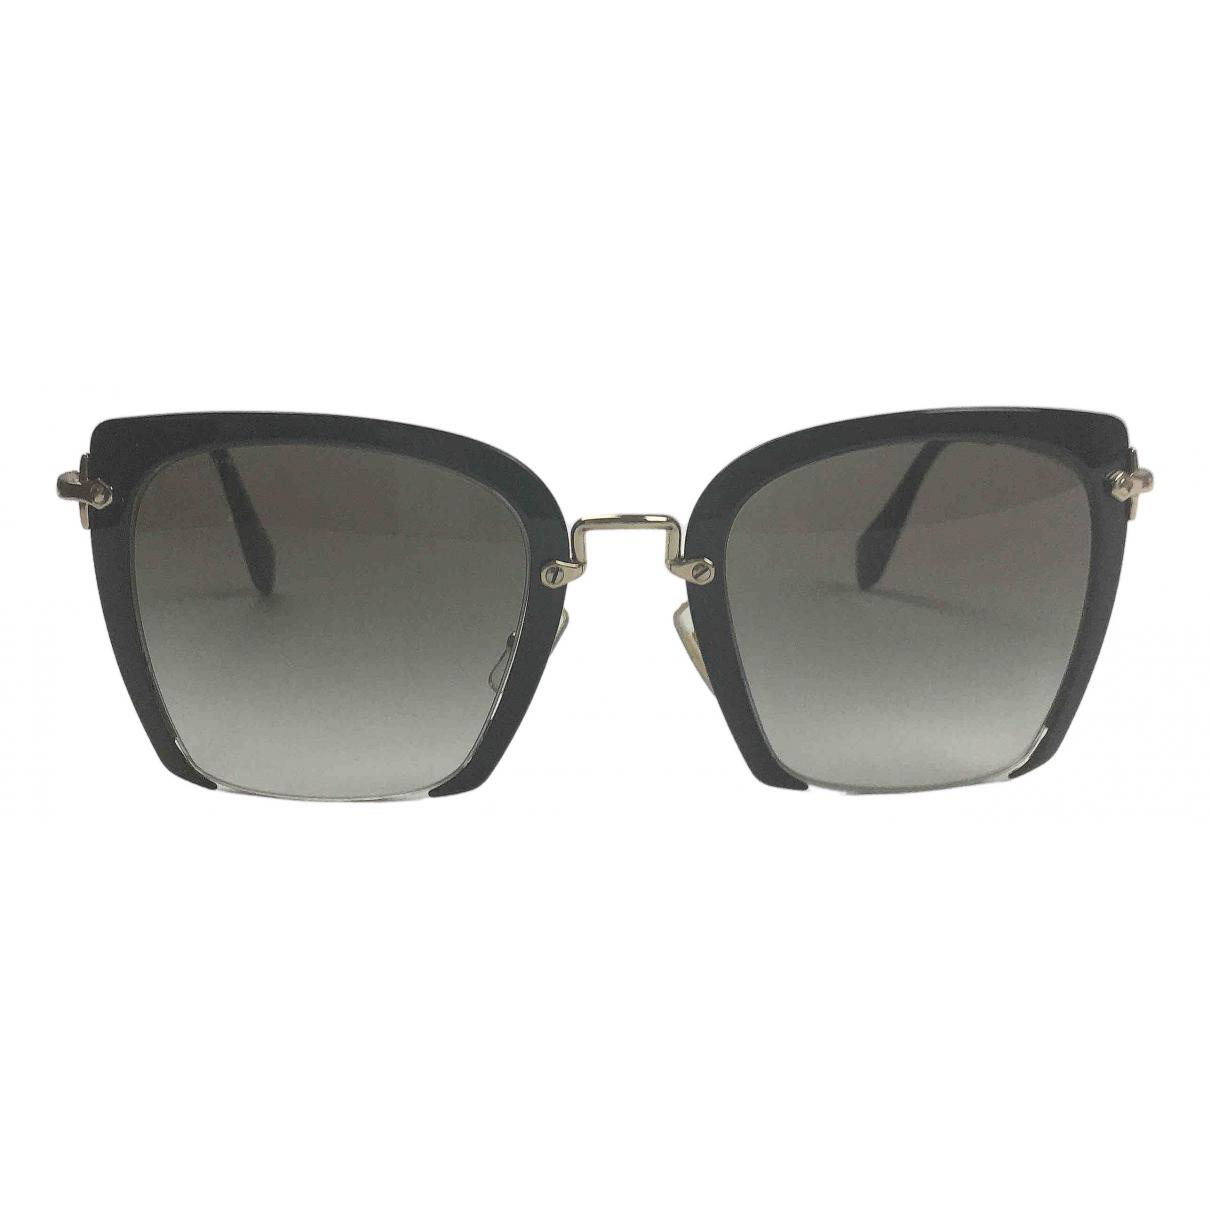 Gafas oversize Miu Miu